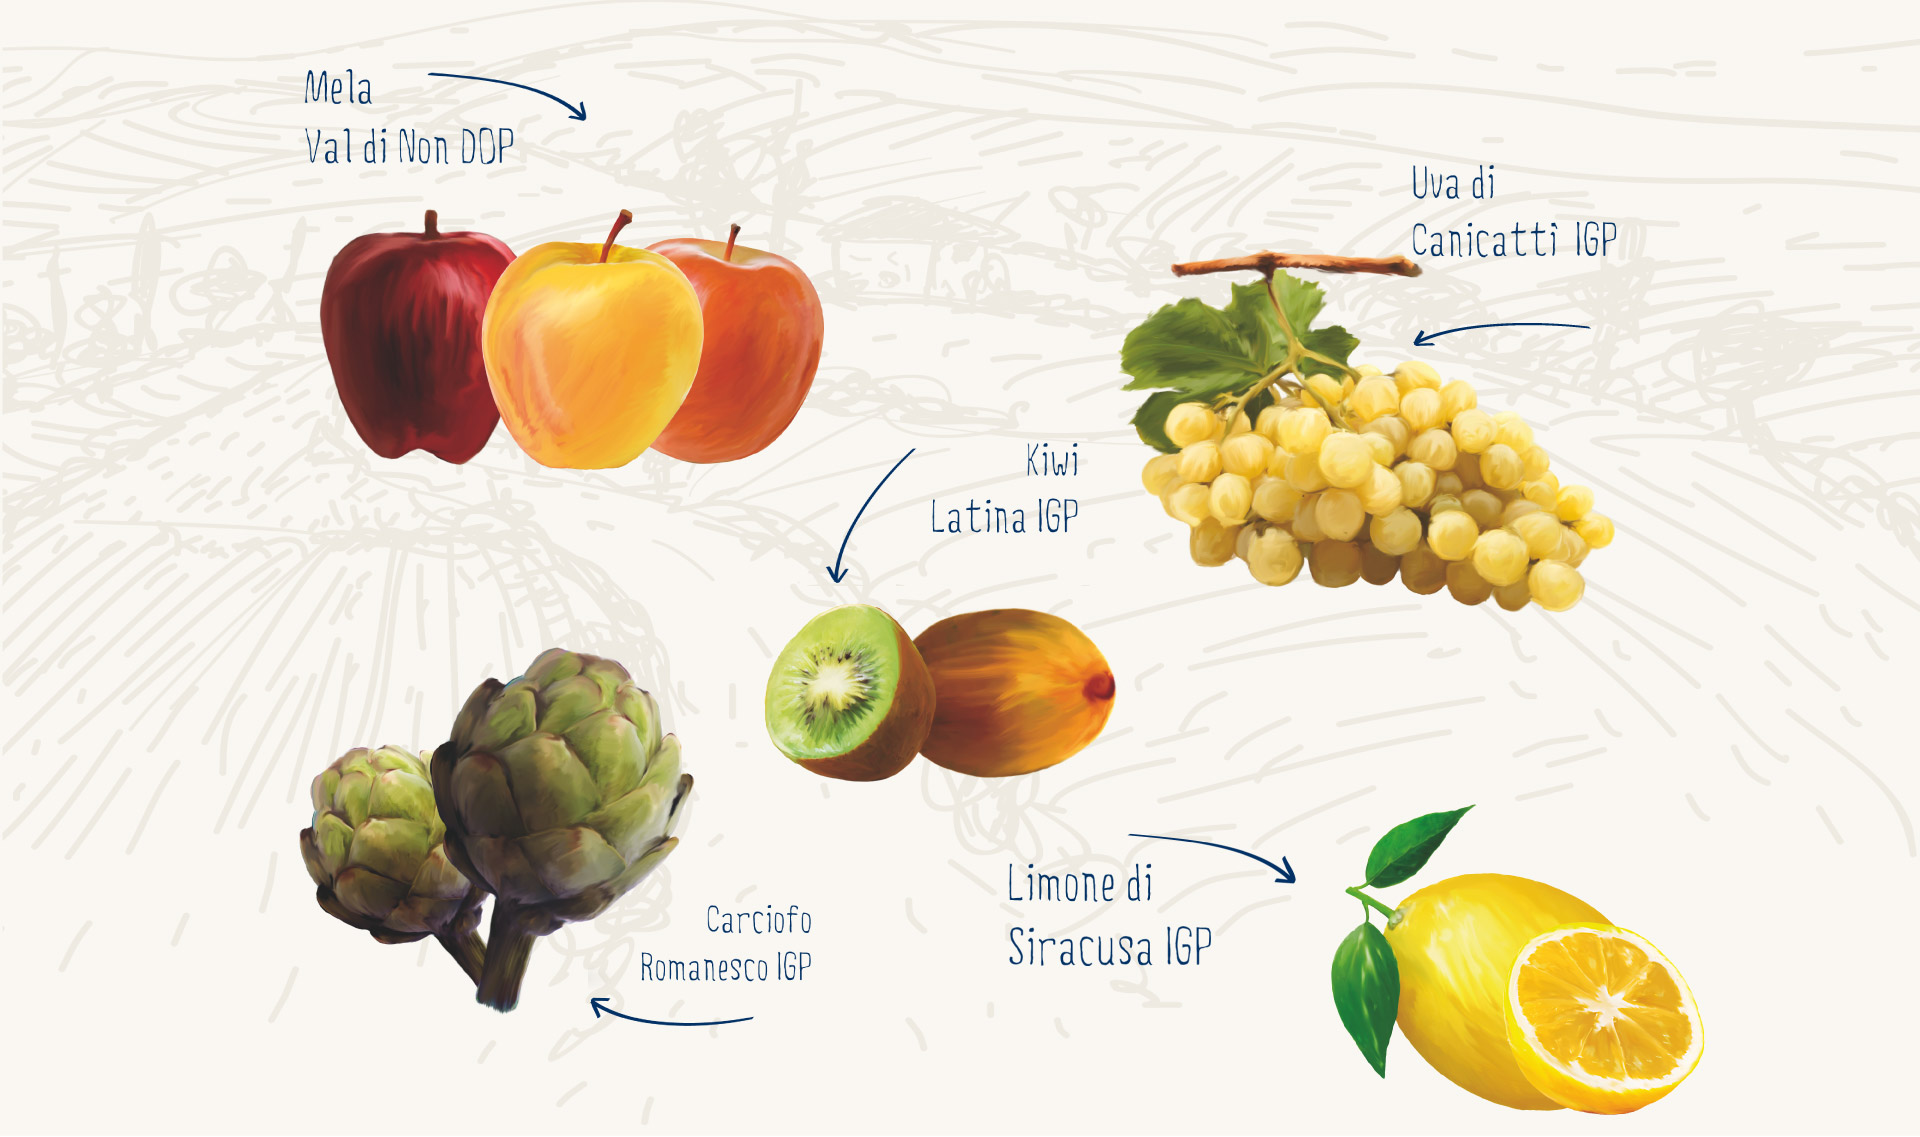 produzione-frutta-larga-scala-organizzazione-produttori-agrinsieme